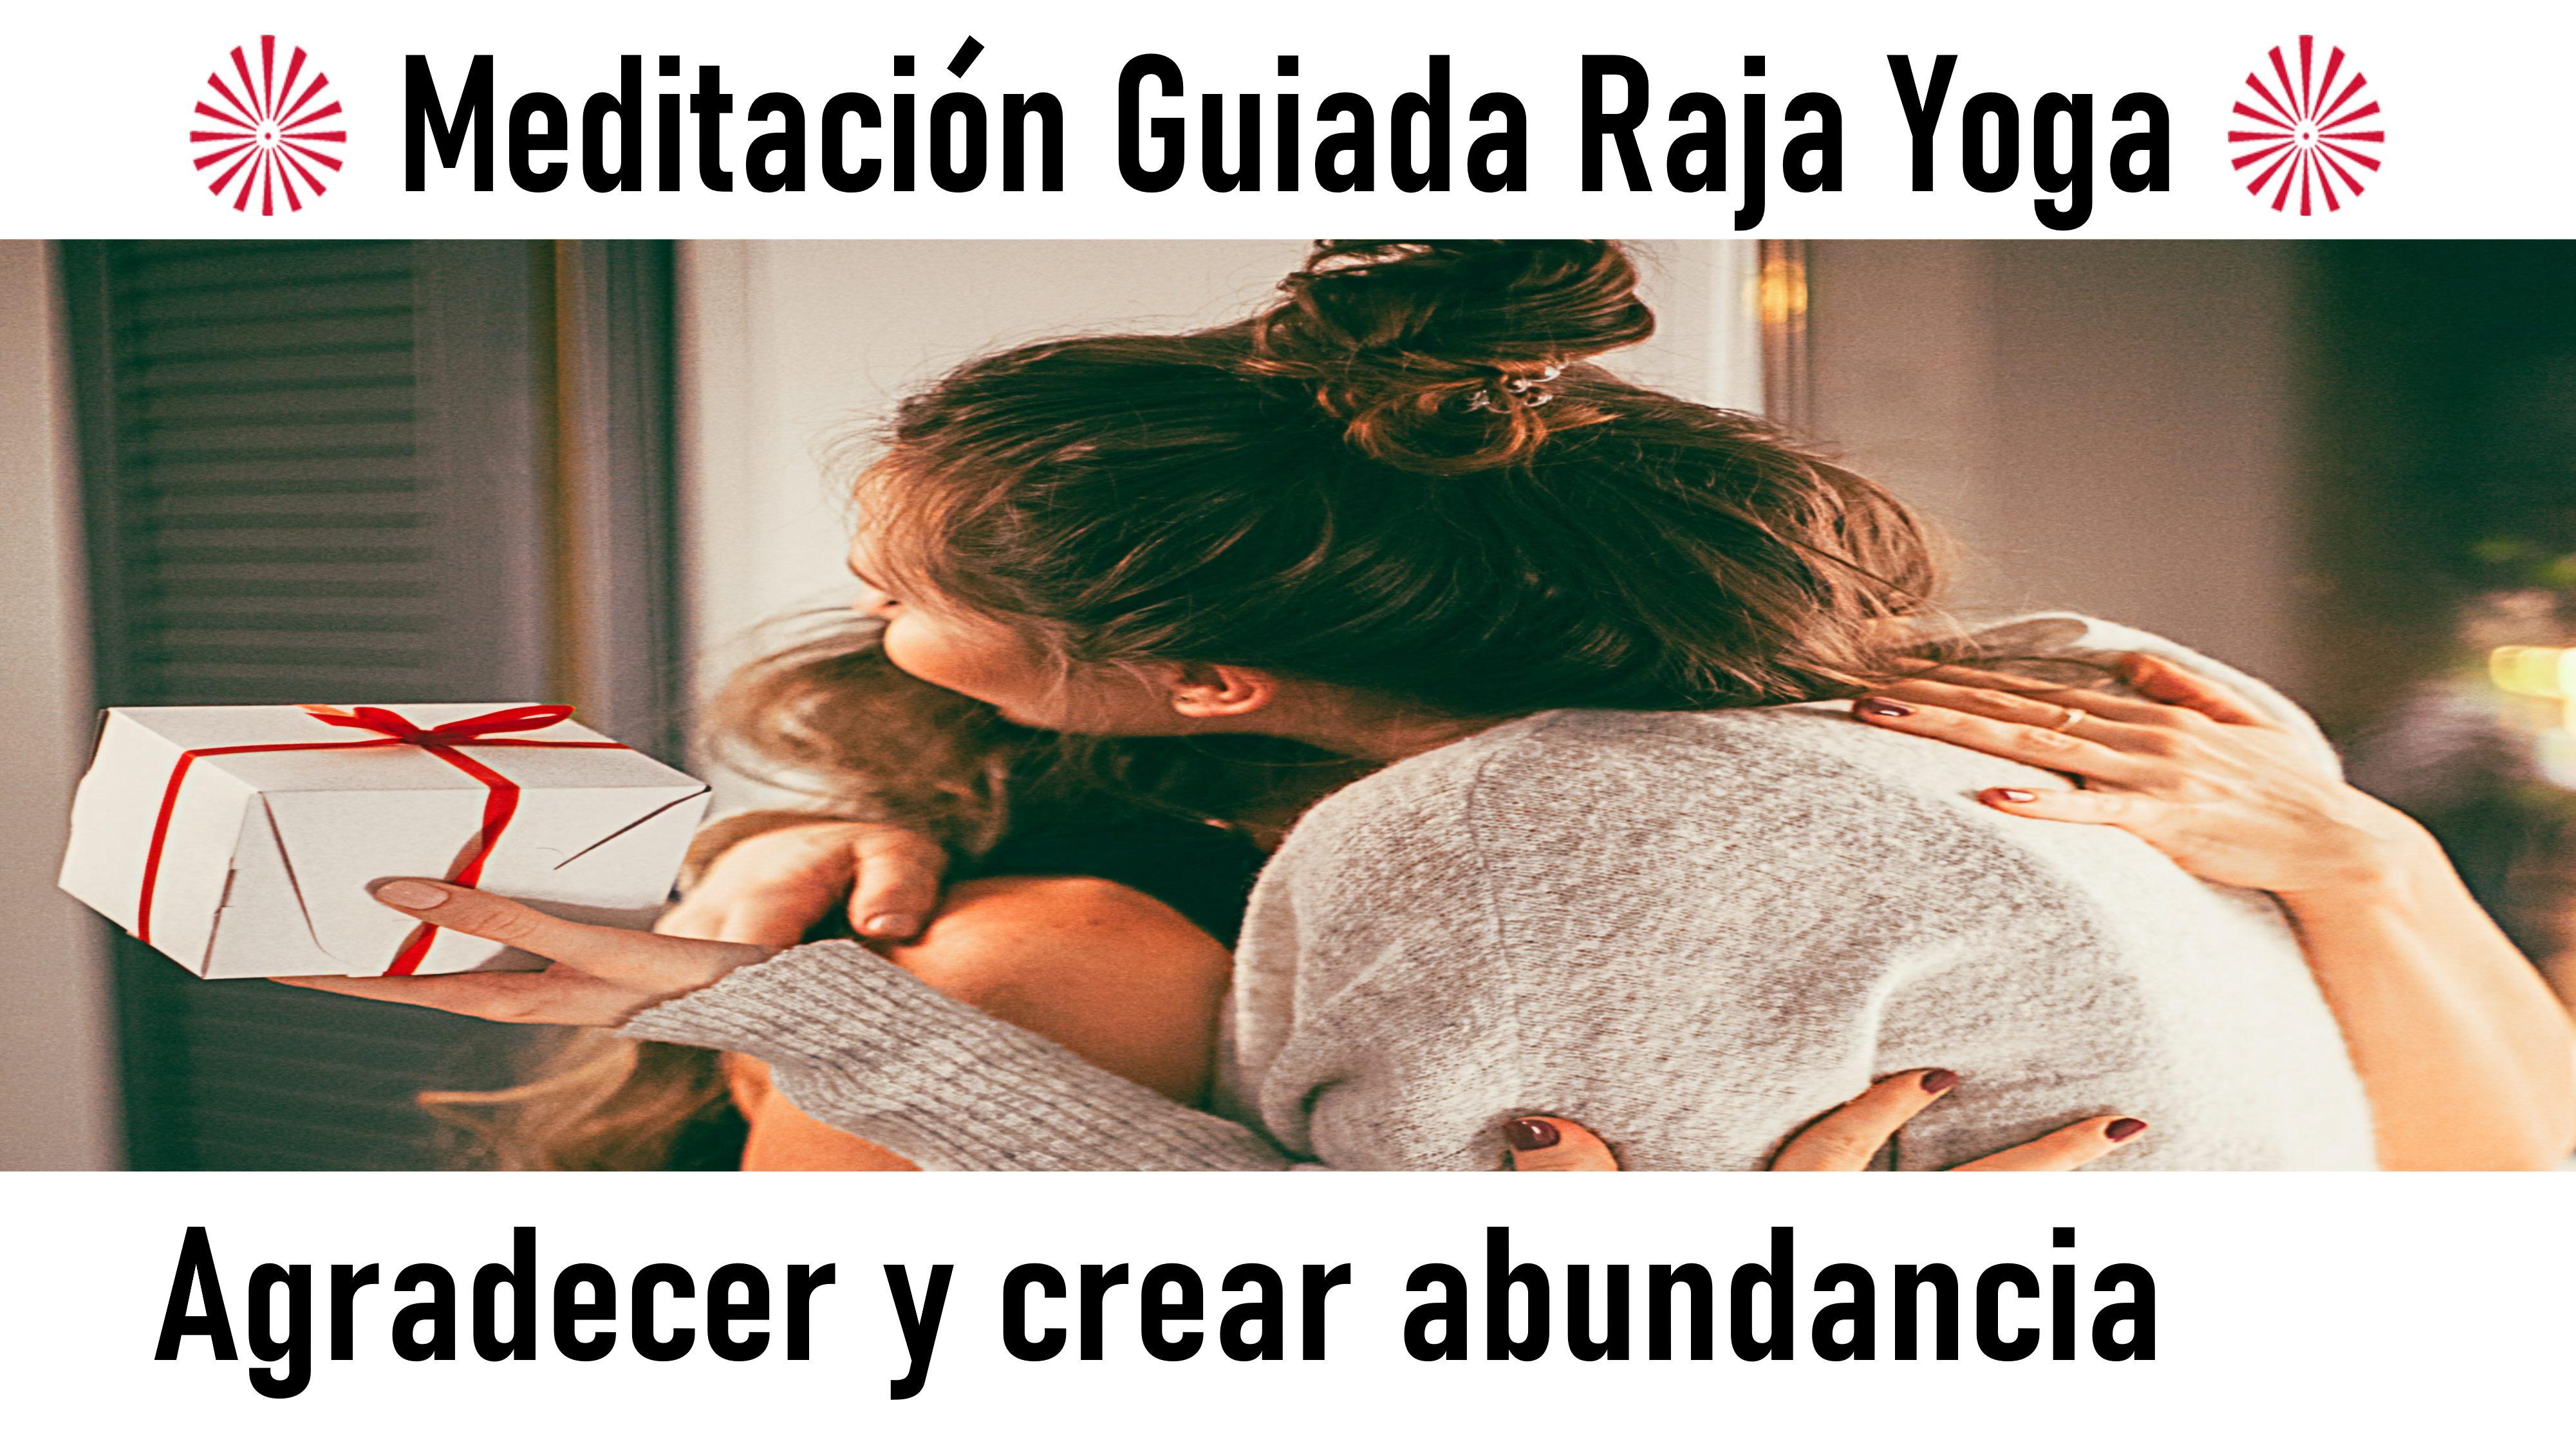 Meditación Raja Yoga: Agradecer y crear abundancia (13 Septiembre 2020) On-line desde Valencia